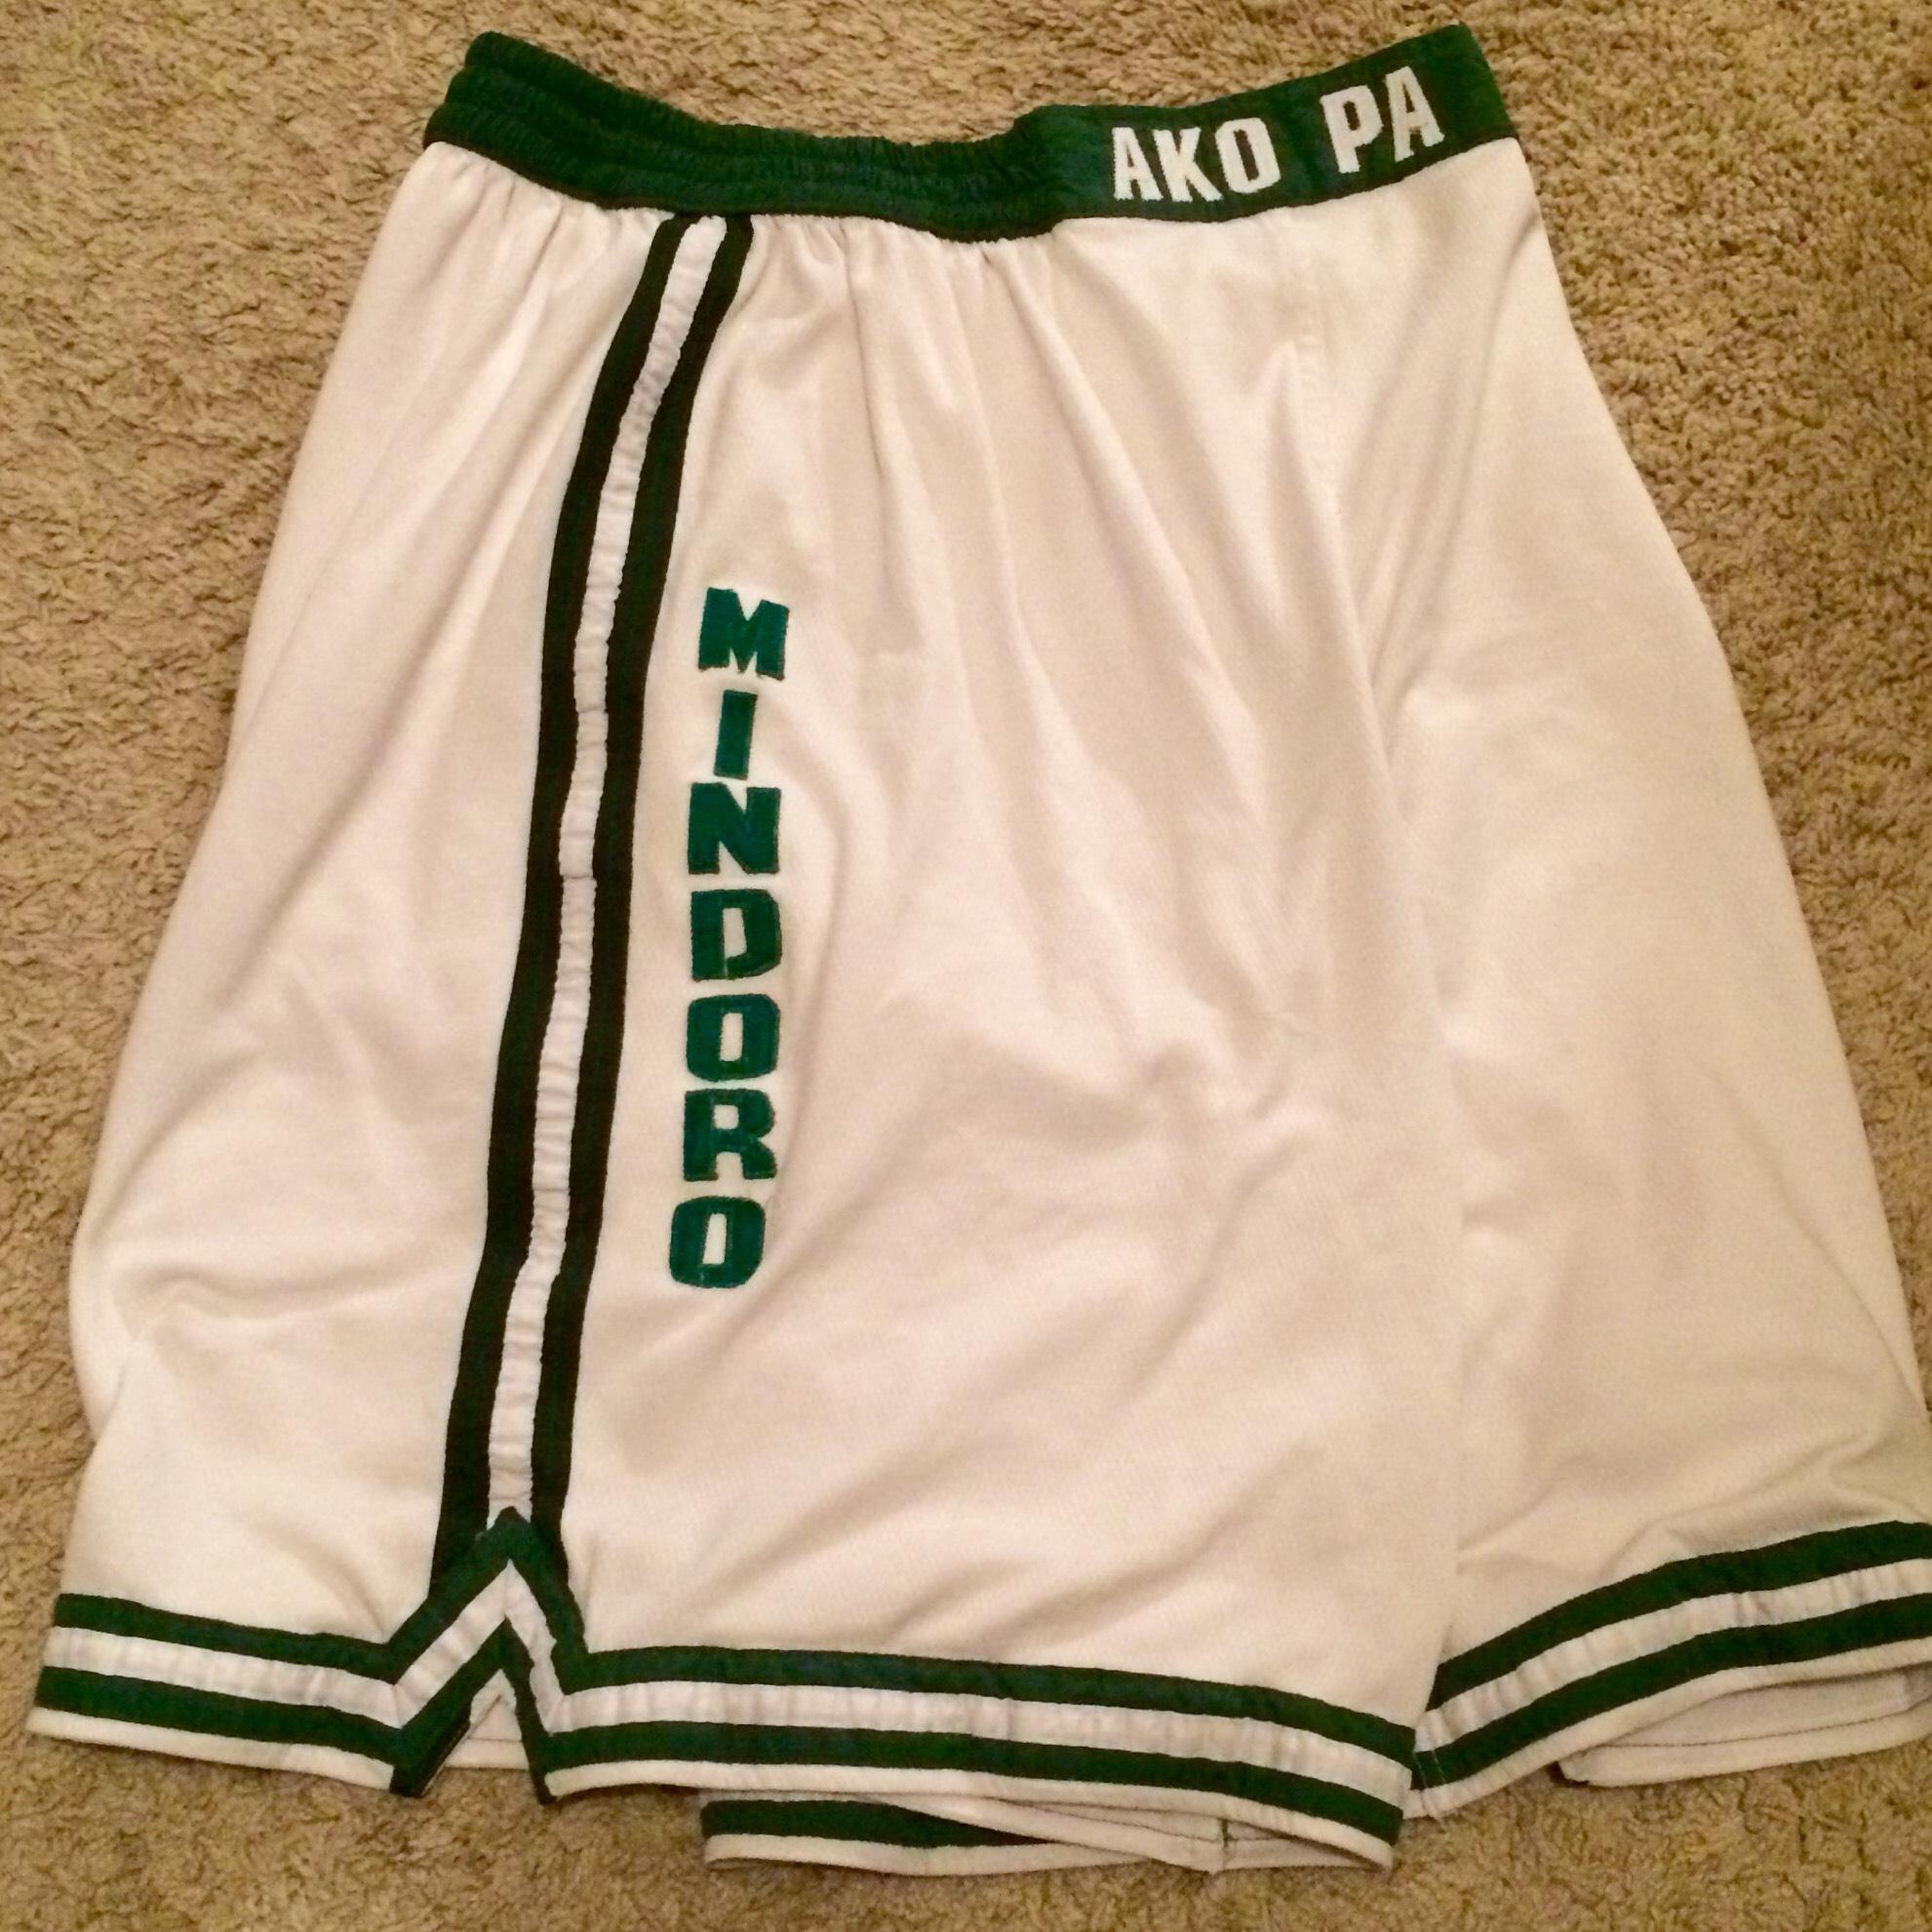 ako pa shorts